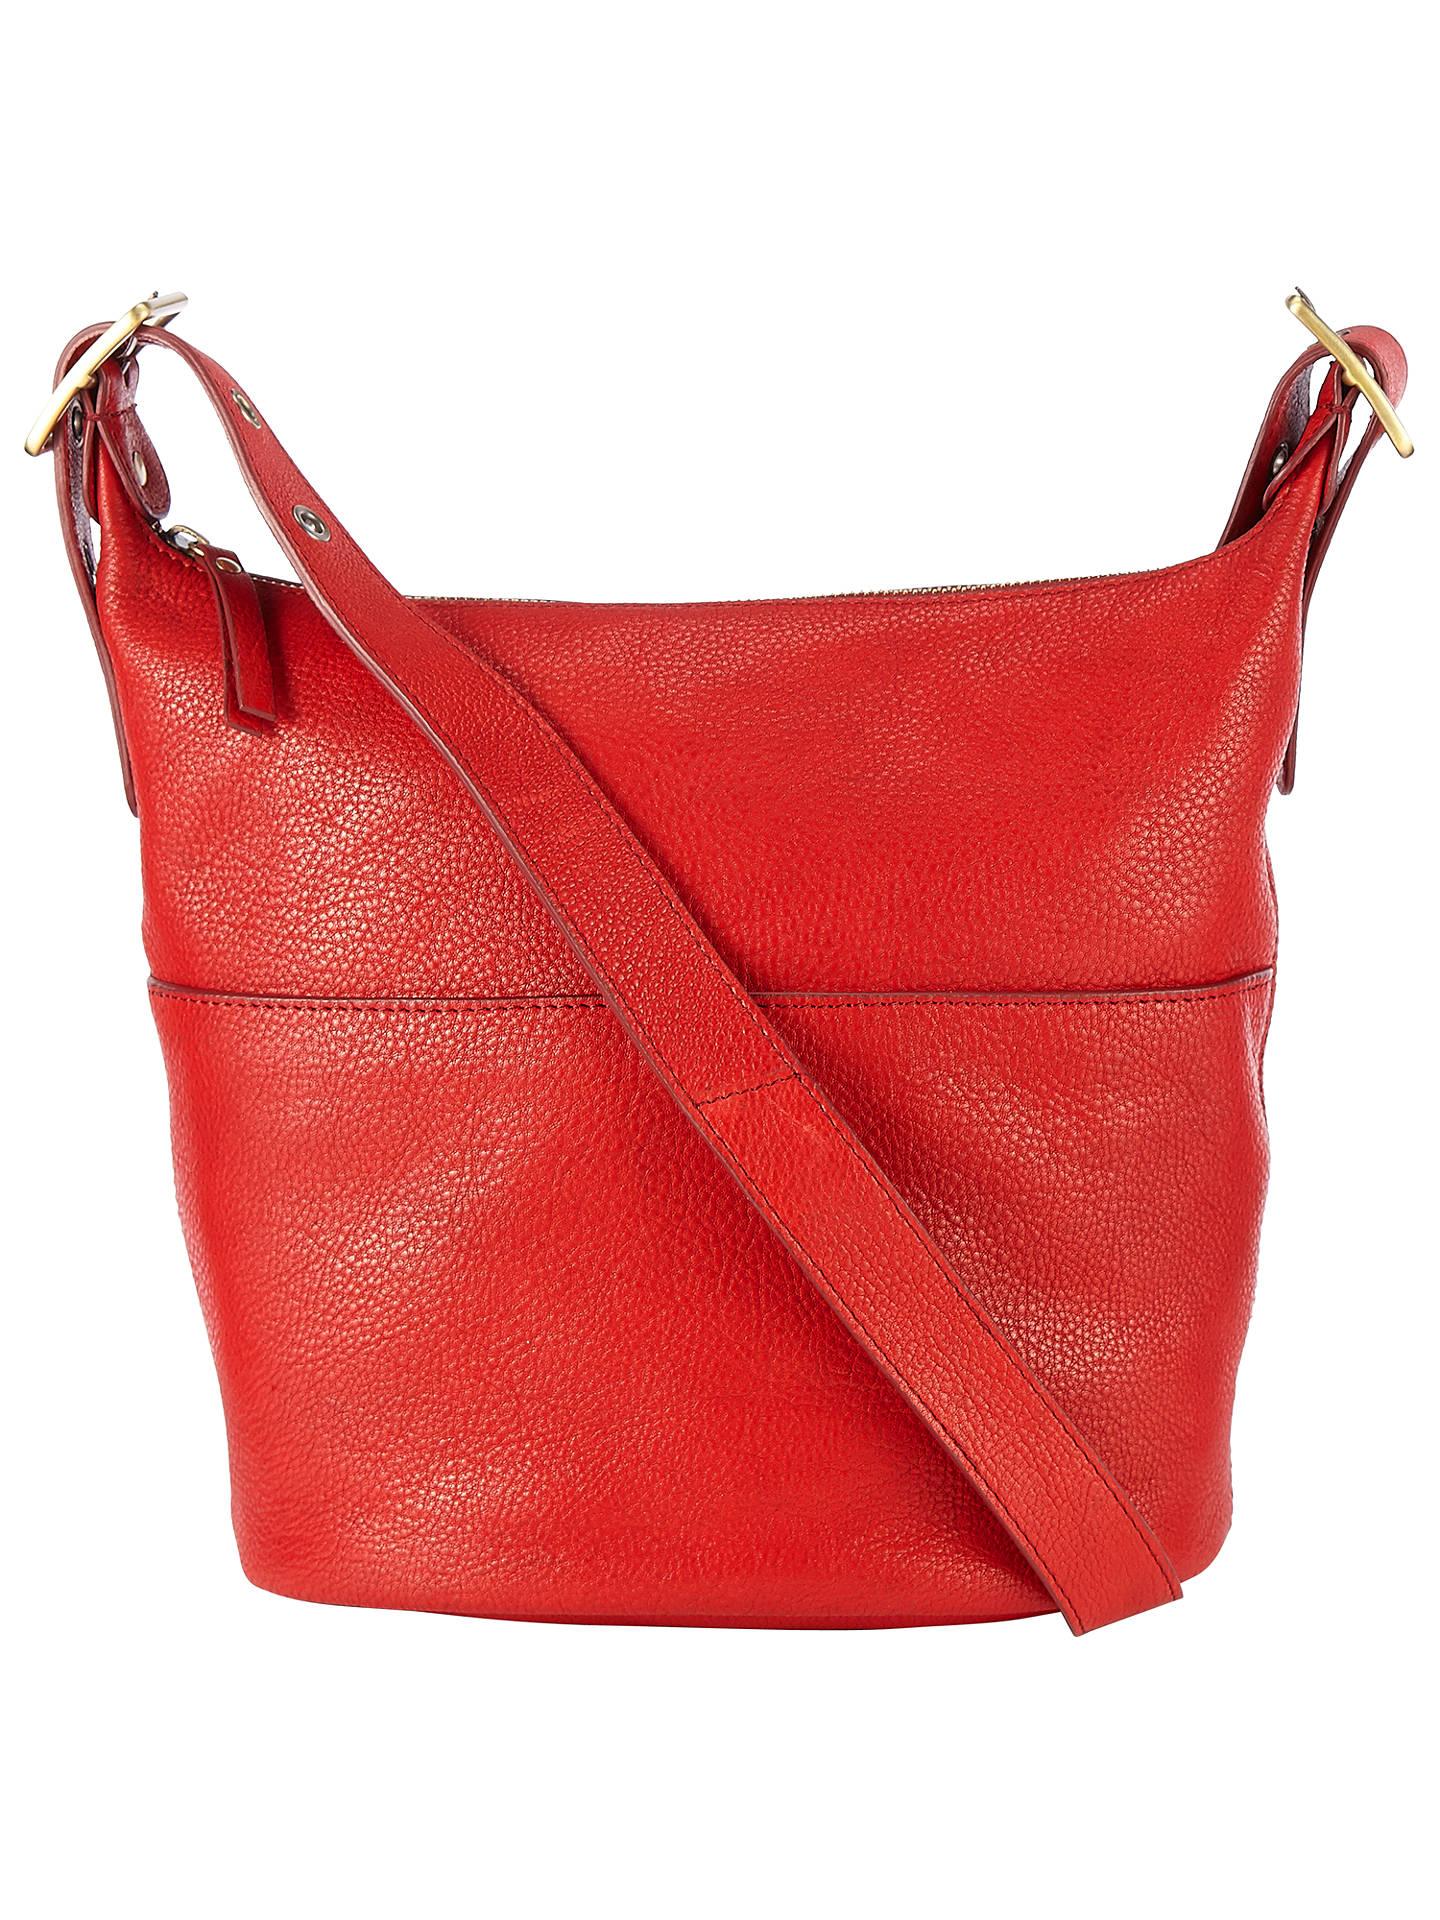 John Lewis Kepley Leather Shoulder Bag Red Online At Johnlewis